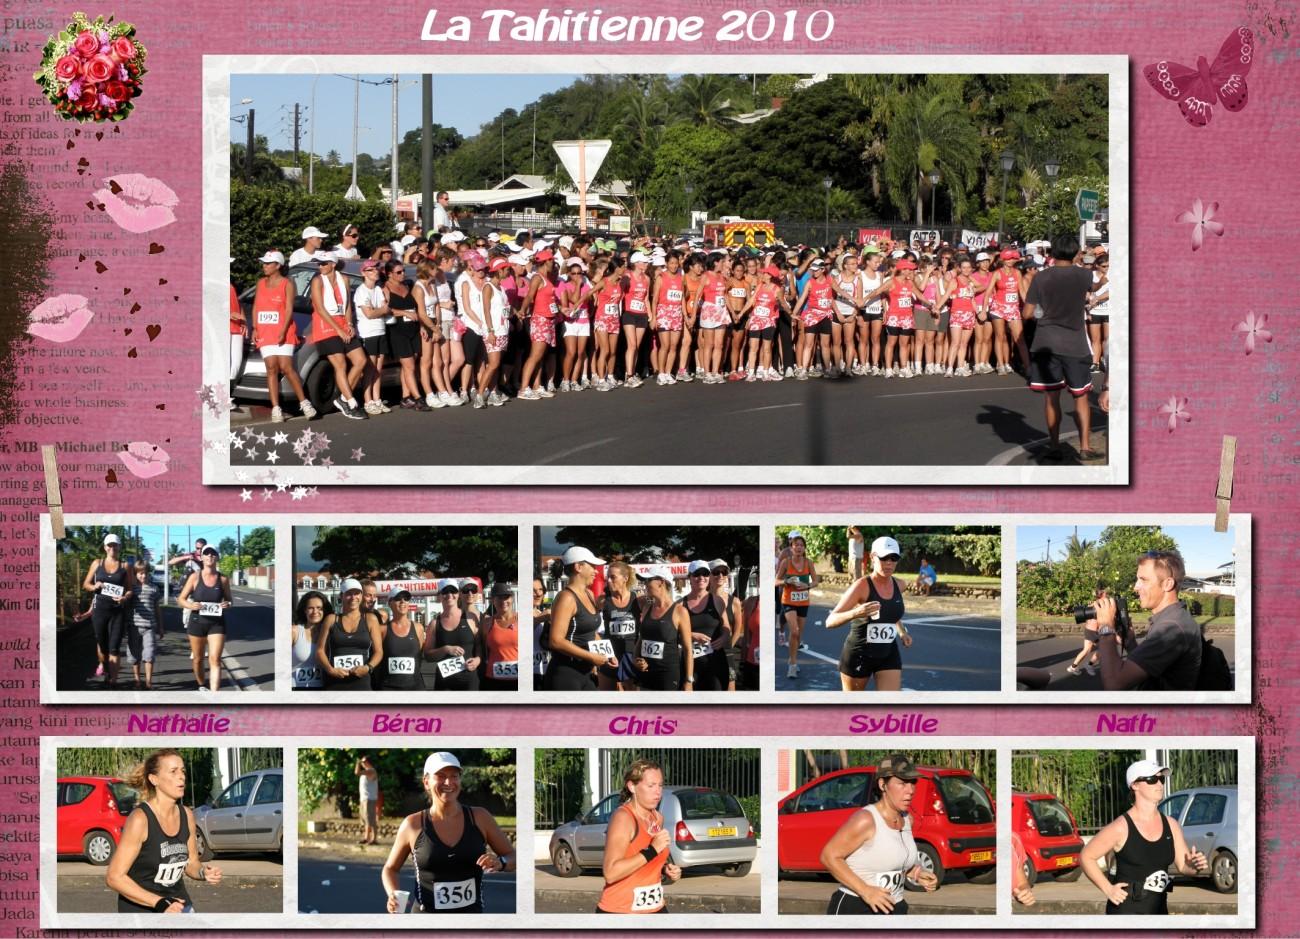 La Tahitienne 2010